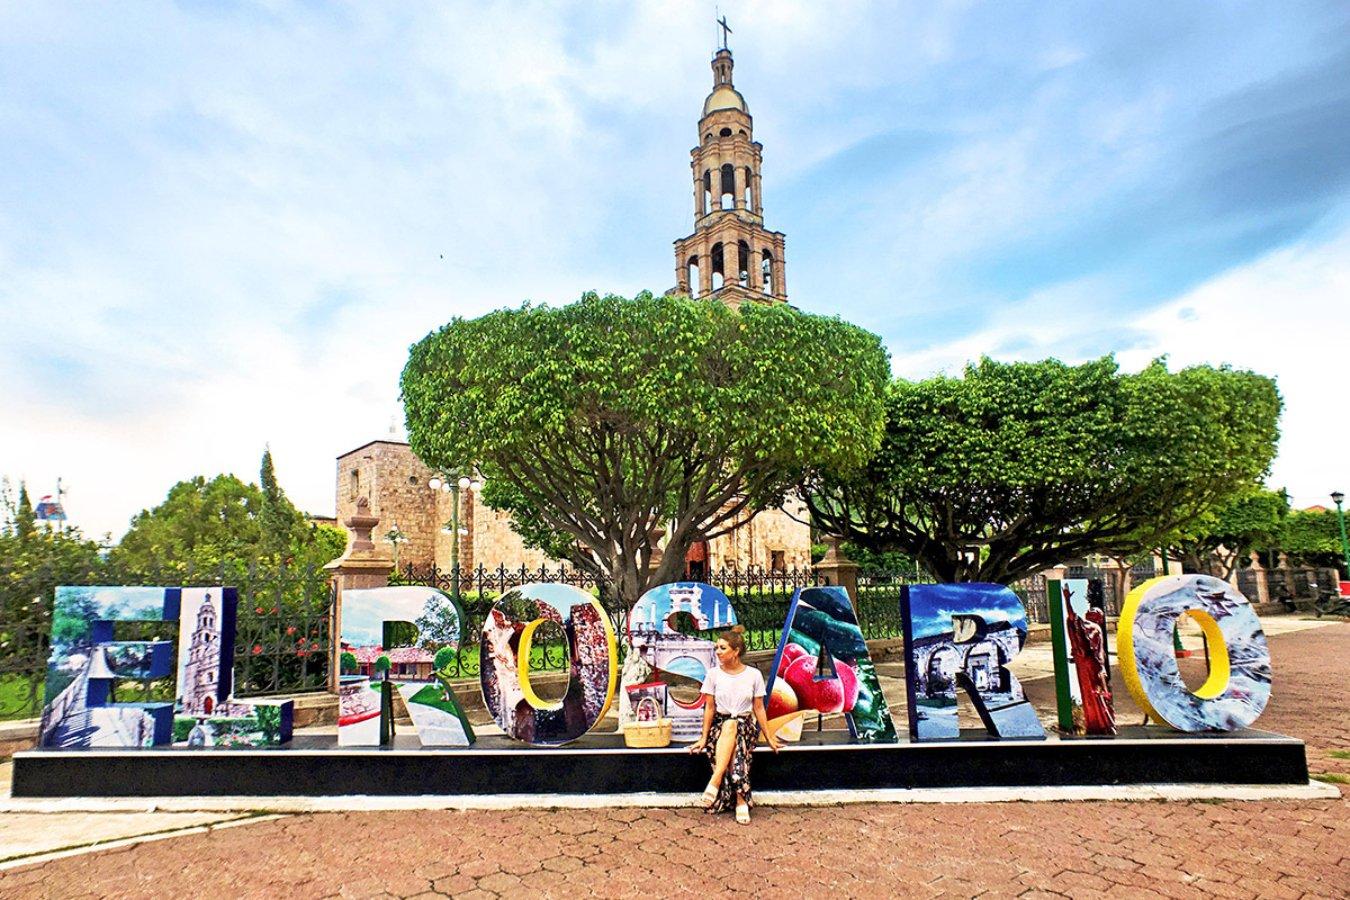 """Plaza con letras que dicen """"El Rosario"""" de diferentes colores e imagenes. En esta letras gigante se encuentra una chica con falda color negra y blusa blanca."""